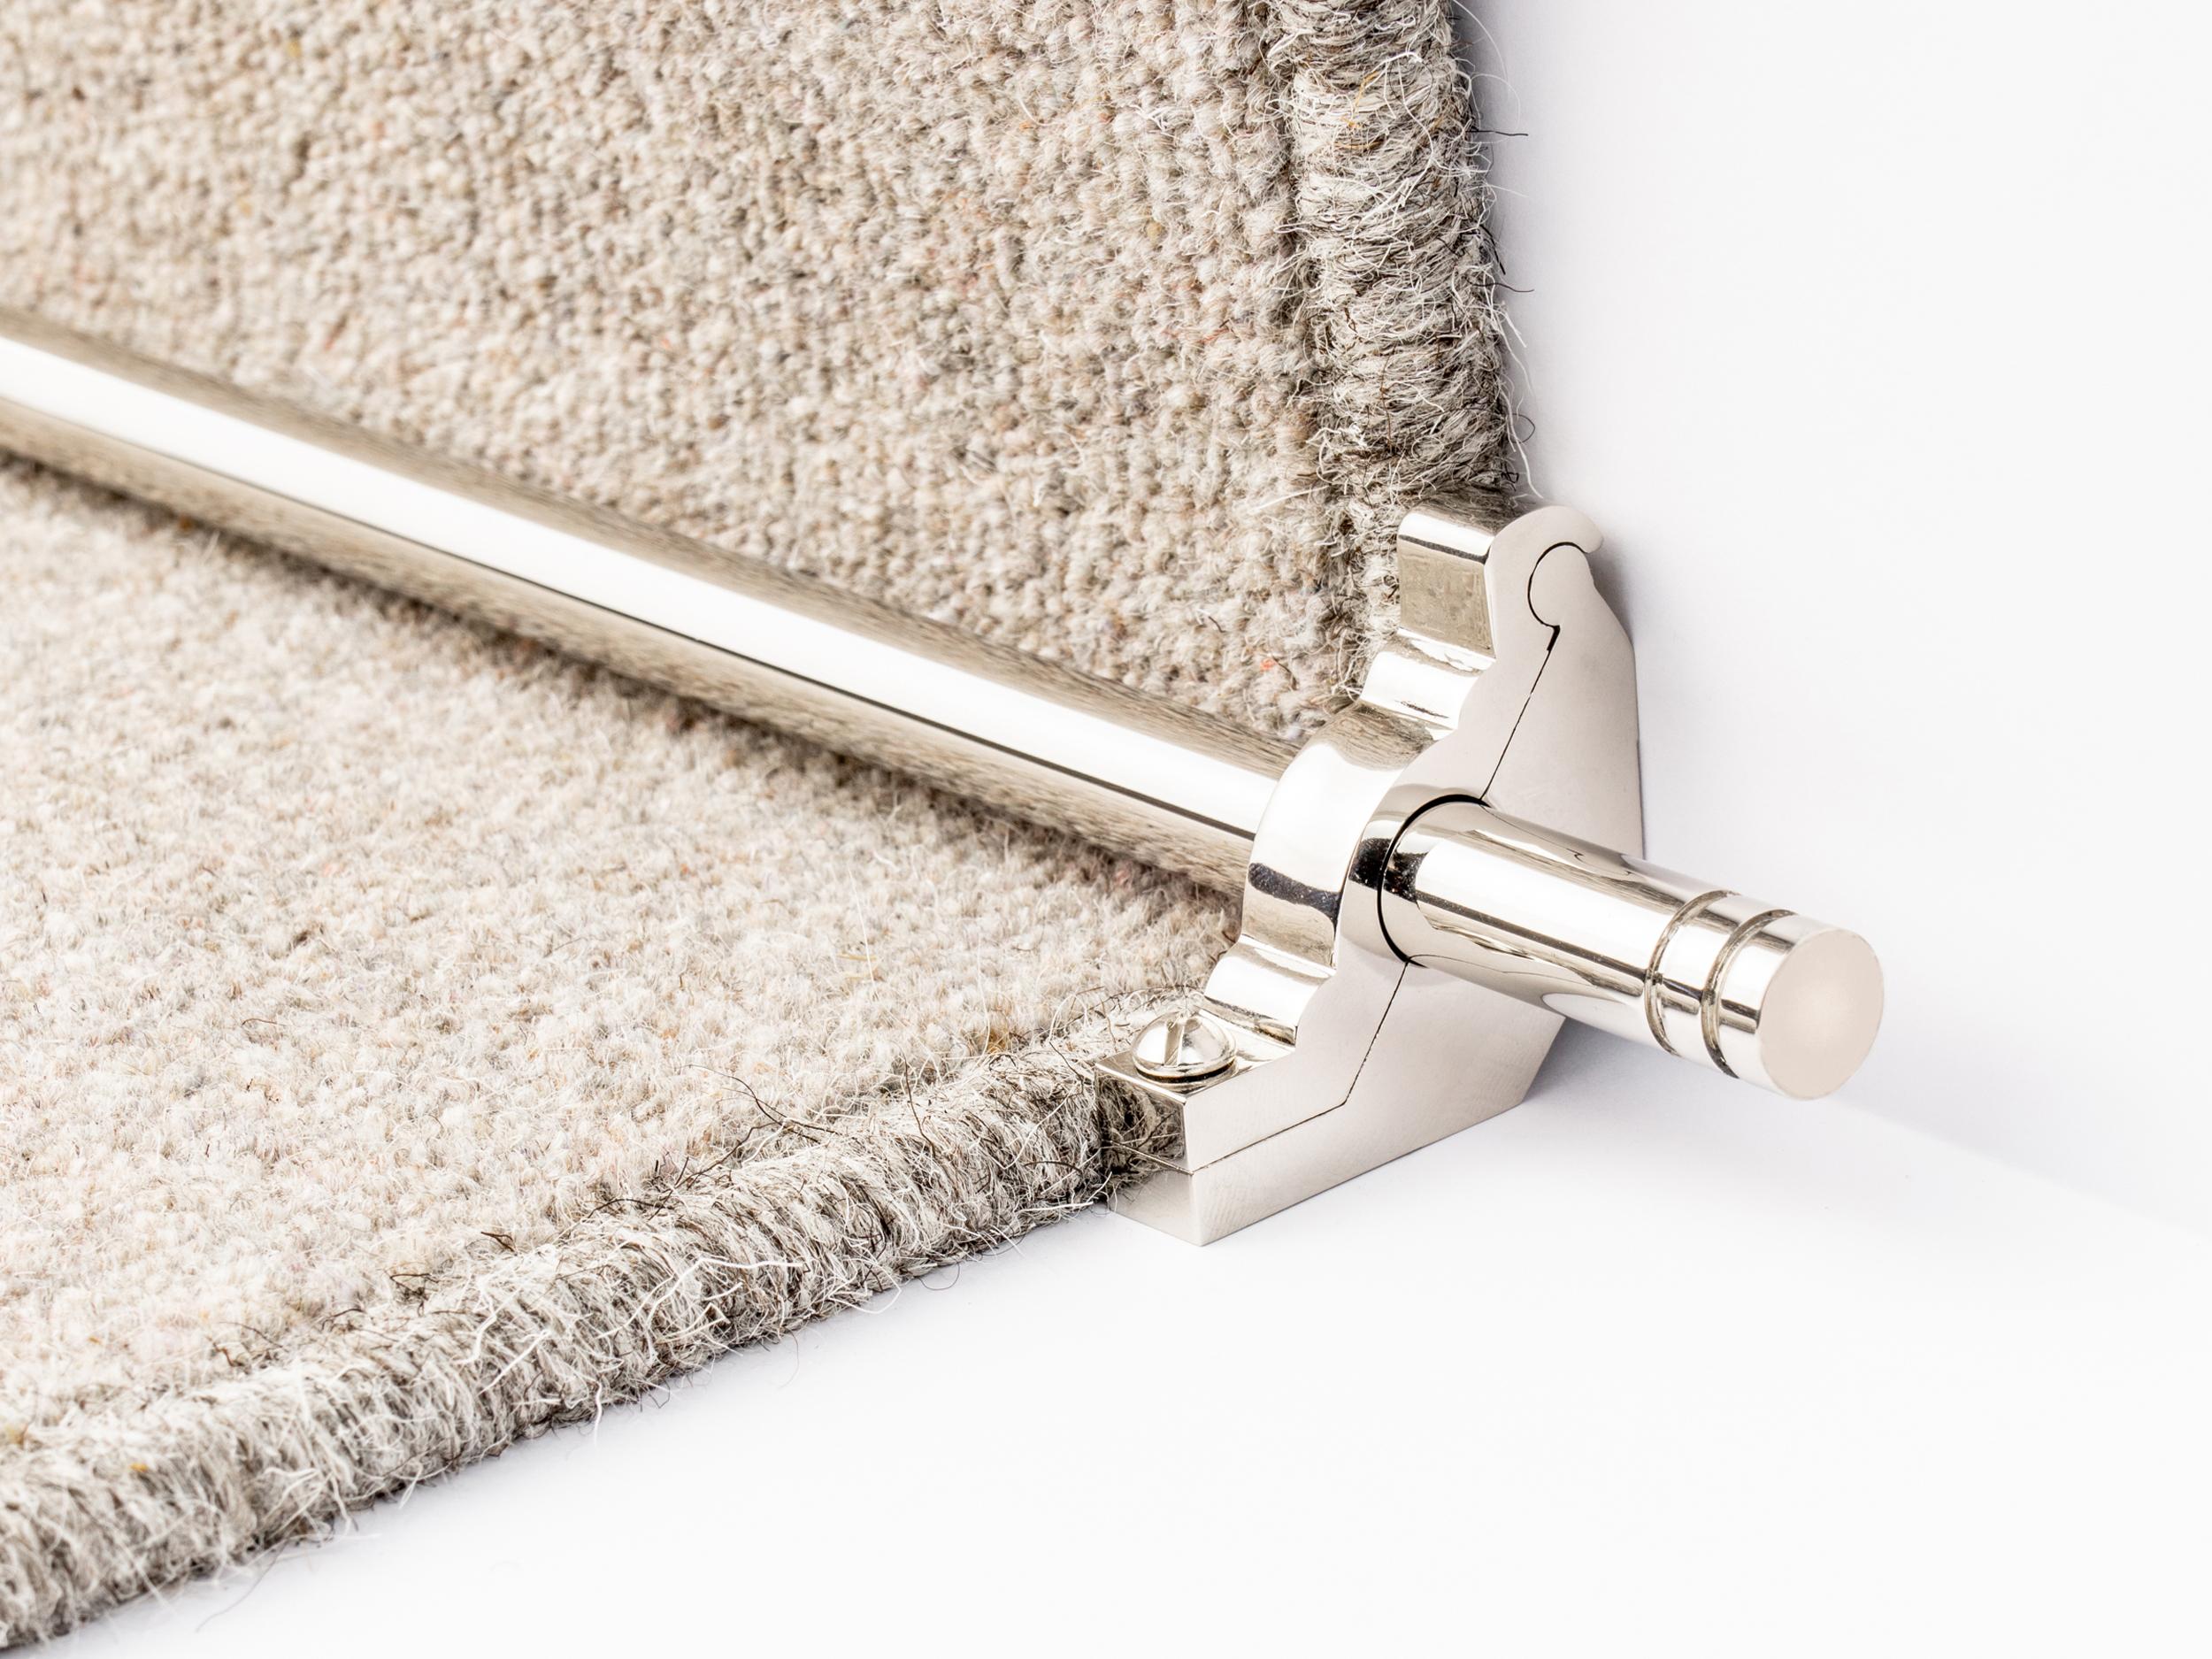 stairrods-polished-nickel-premier-woburn 1.jpg